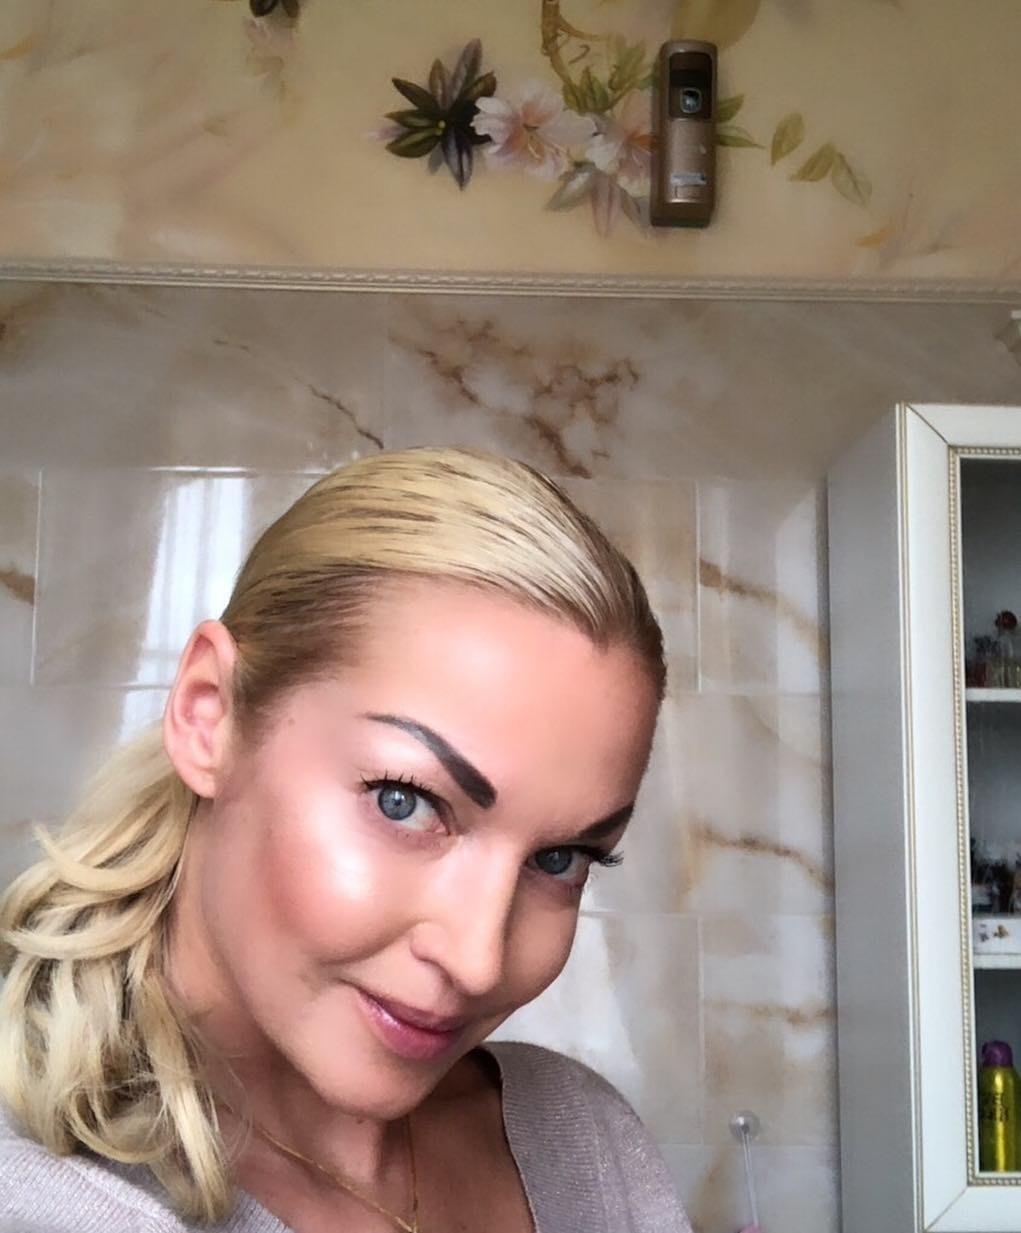 Настасья Самбурская обрушилась на Анастасию Волочкову за жестокое обращение с собакой